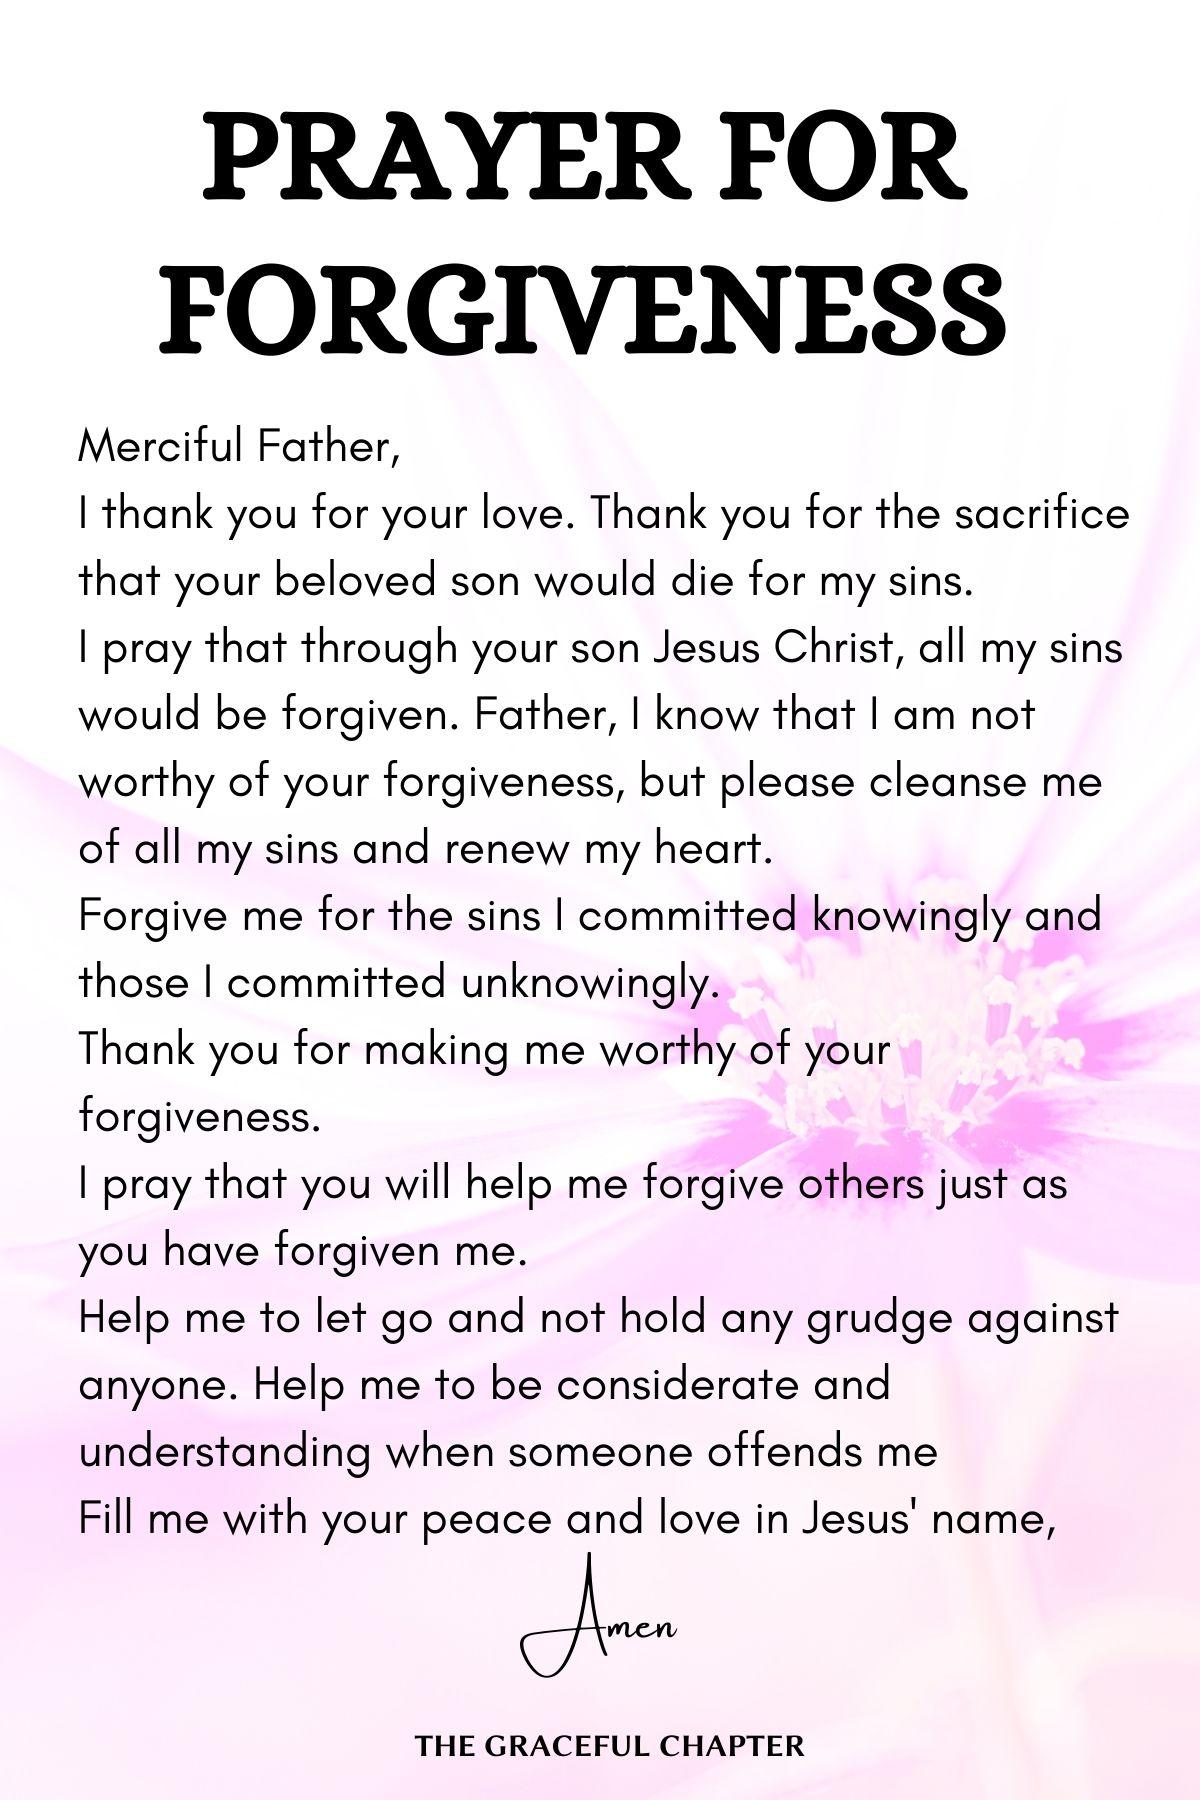 Prayer for forgiveness